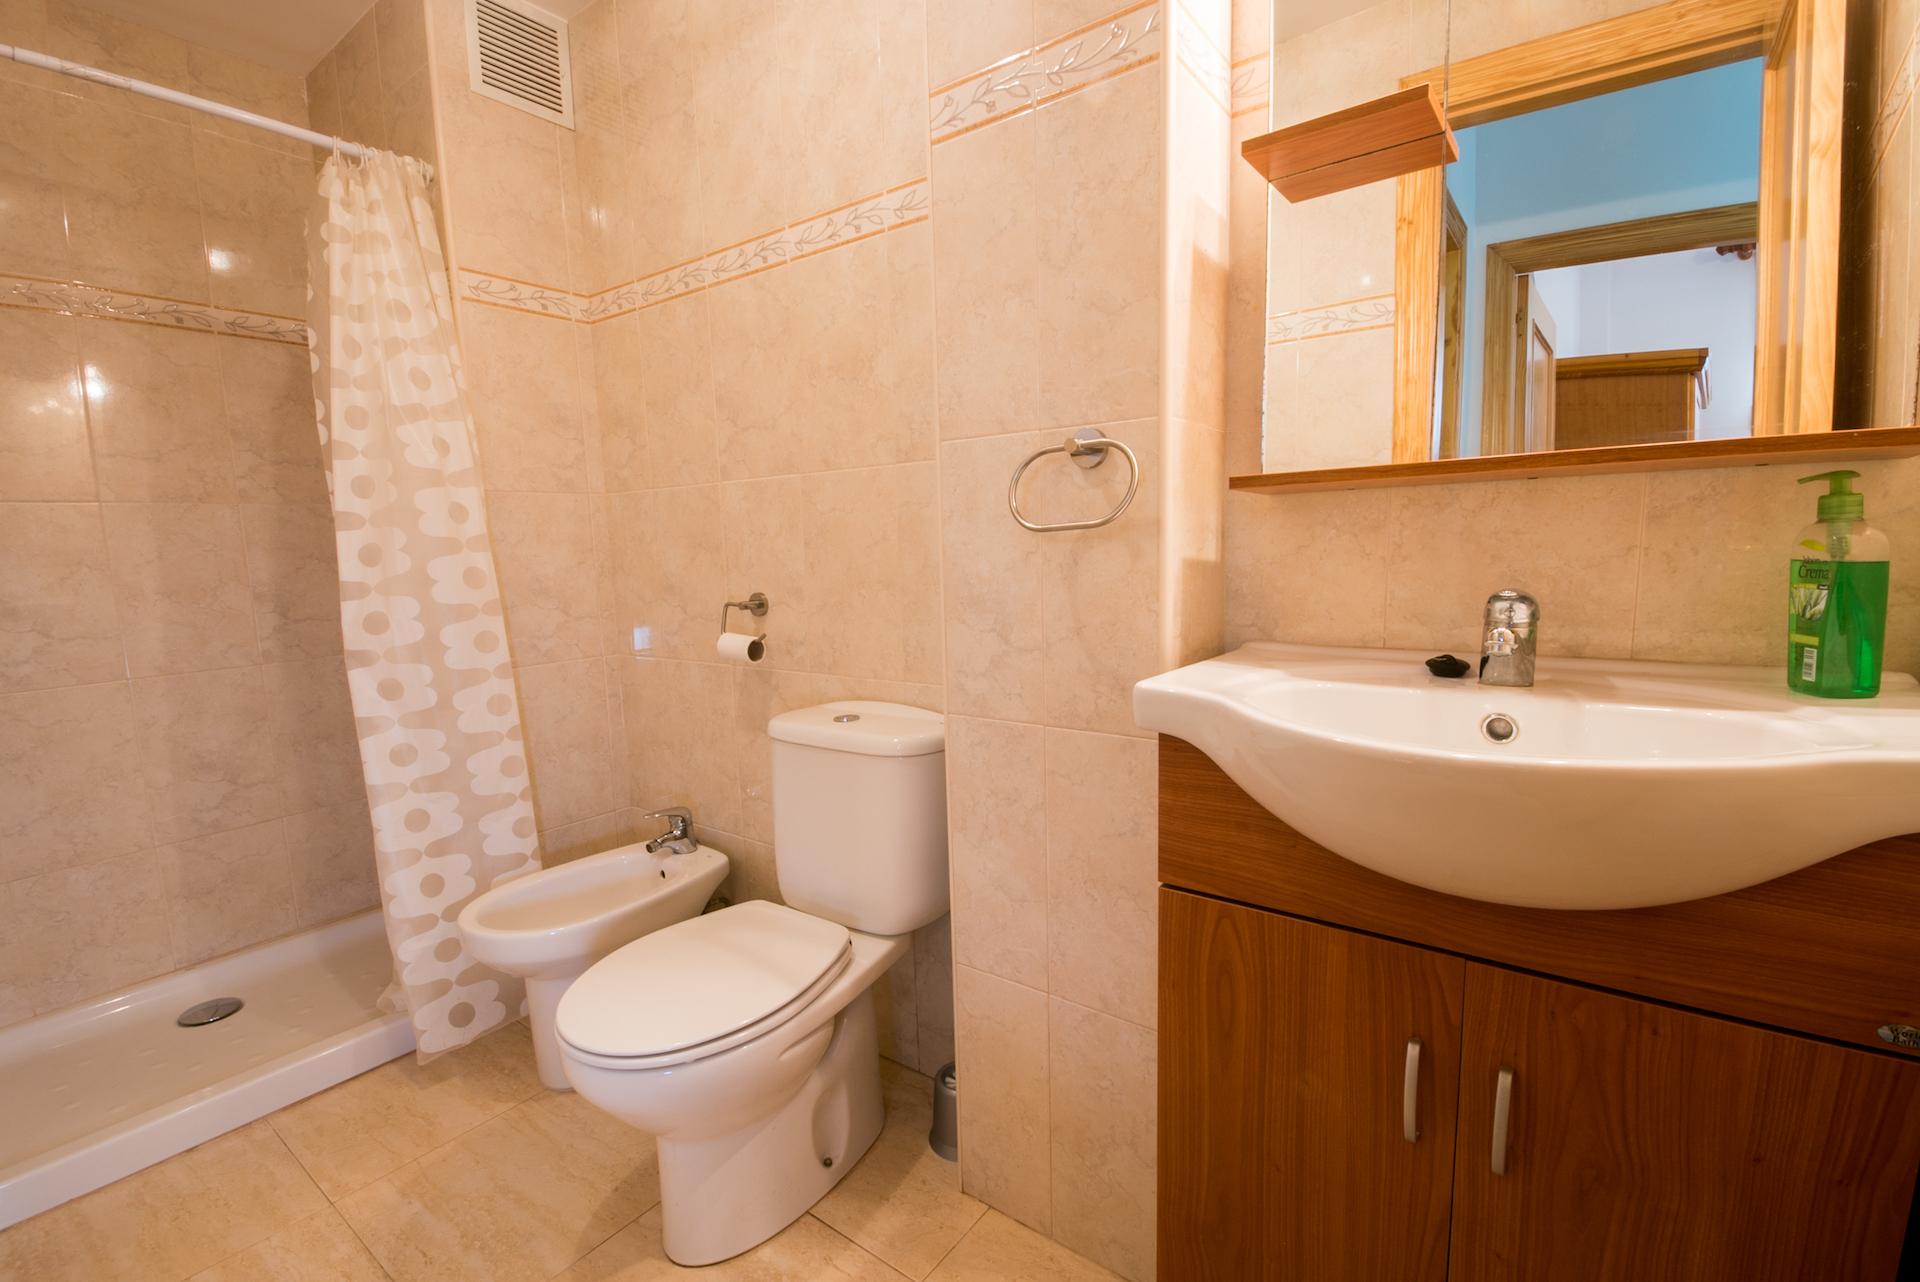 Apartamento Benafer Planta Baja - Baño